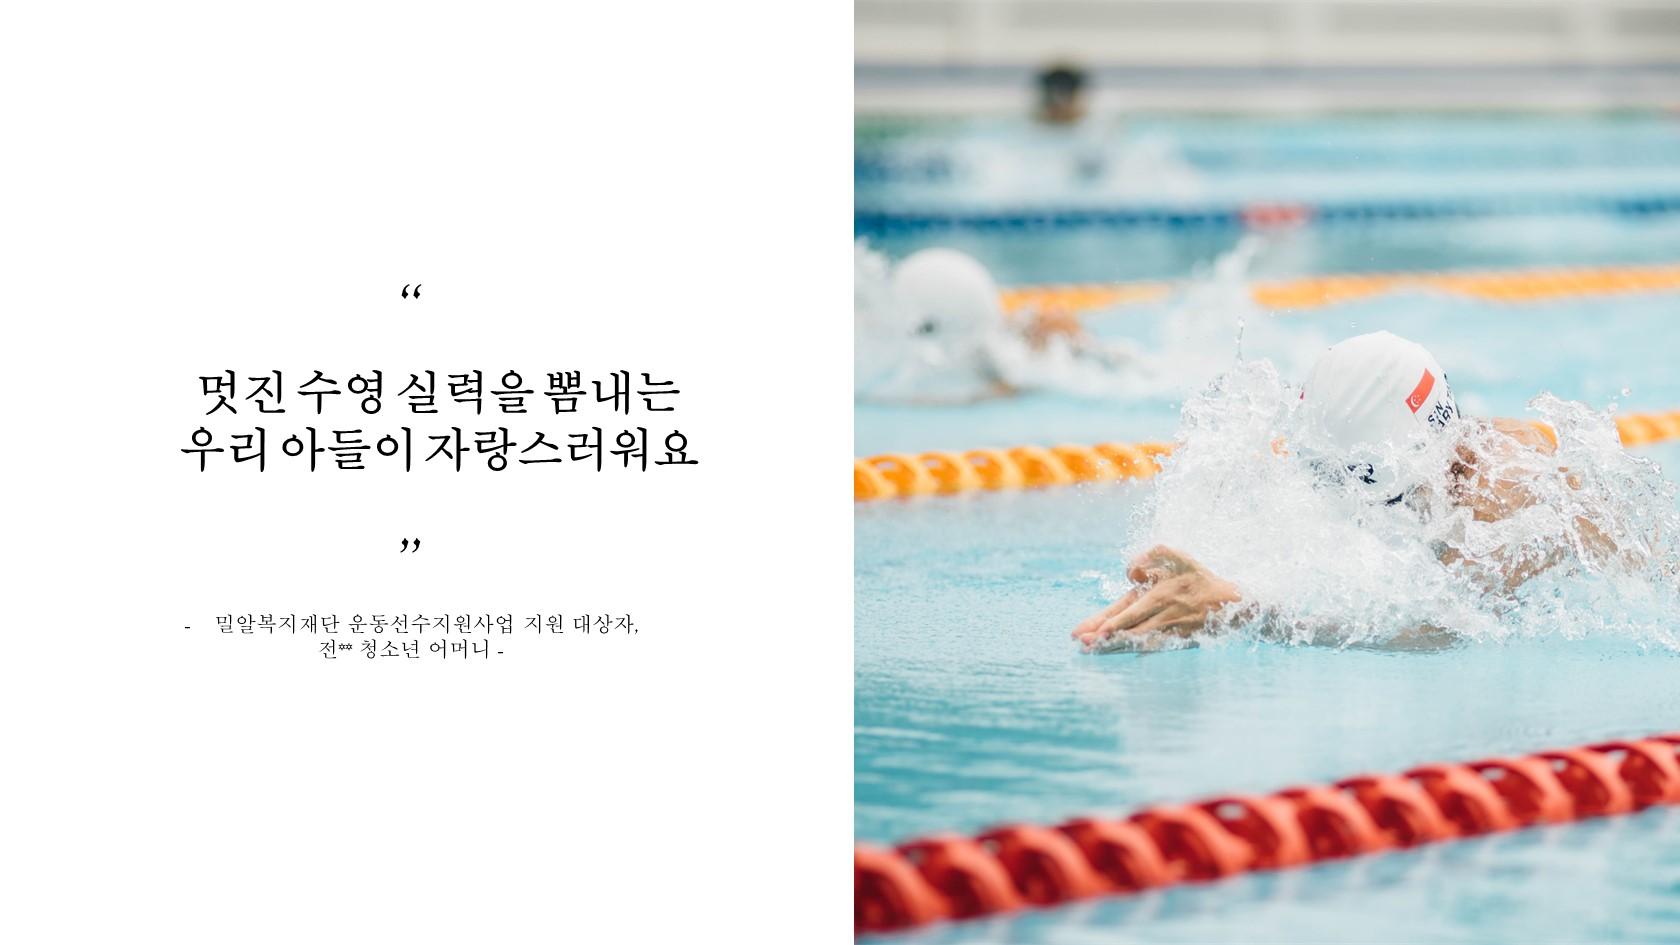 멋진 수영 실력을 뽐내은 우리 아들이 자랑스러워요. 밀알복지재단 운동선수지원사업 지원 대상자 전모군의 어머니